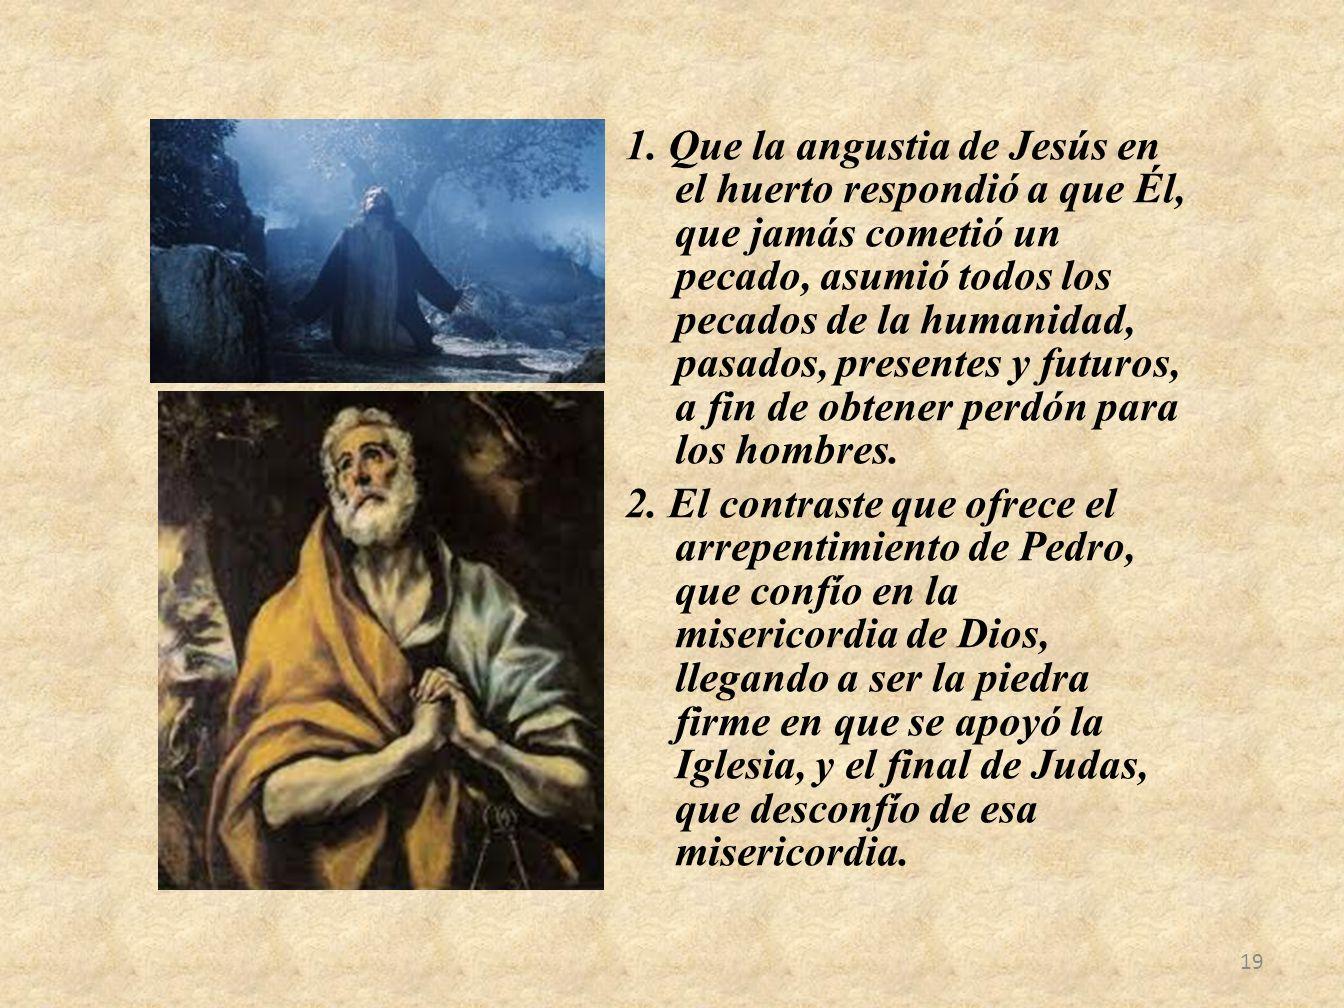 1. Que la angustia de Jesús en el huerto respondió a que Él, que jamás cometió un pecado, asumió todos los pecados de la humanidad, pasados, presentes